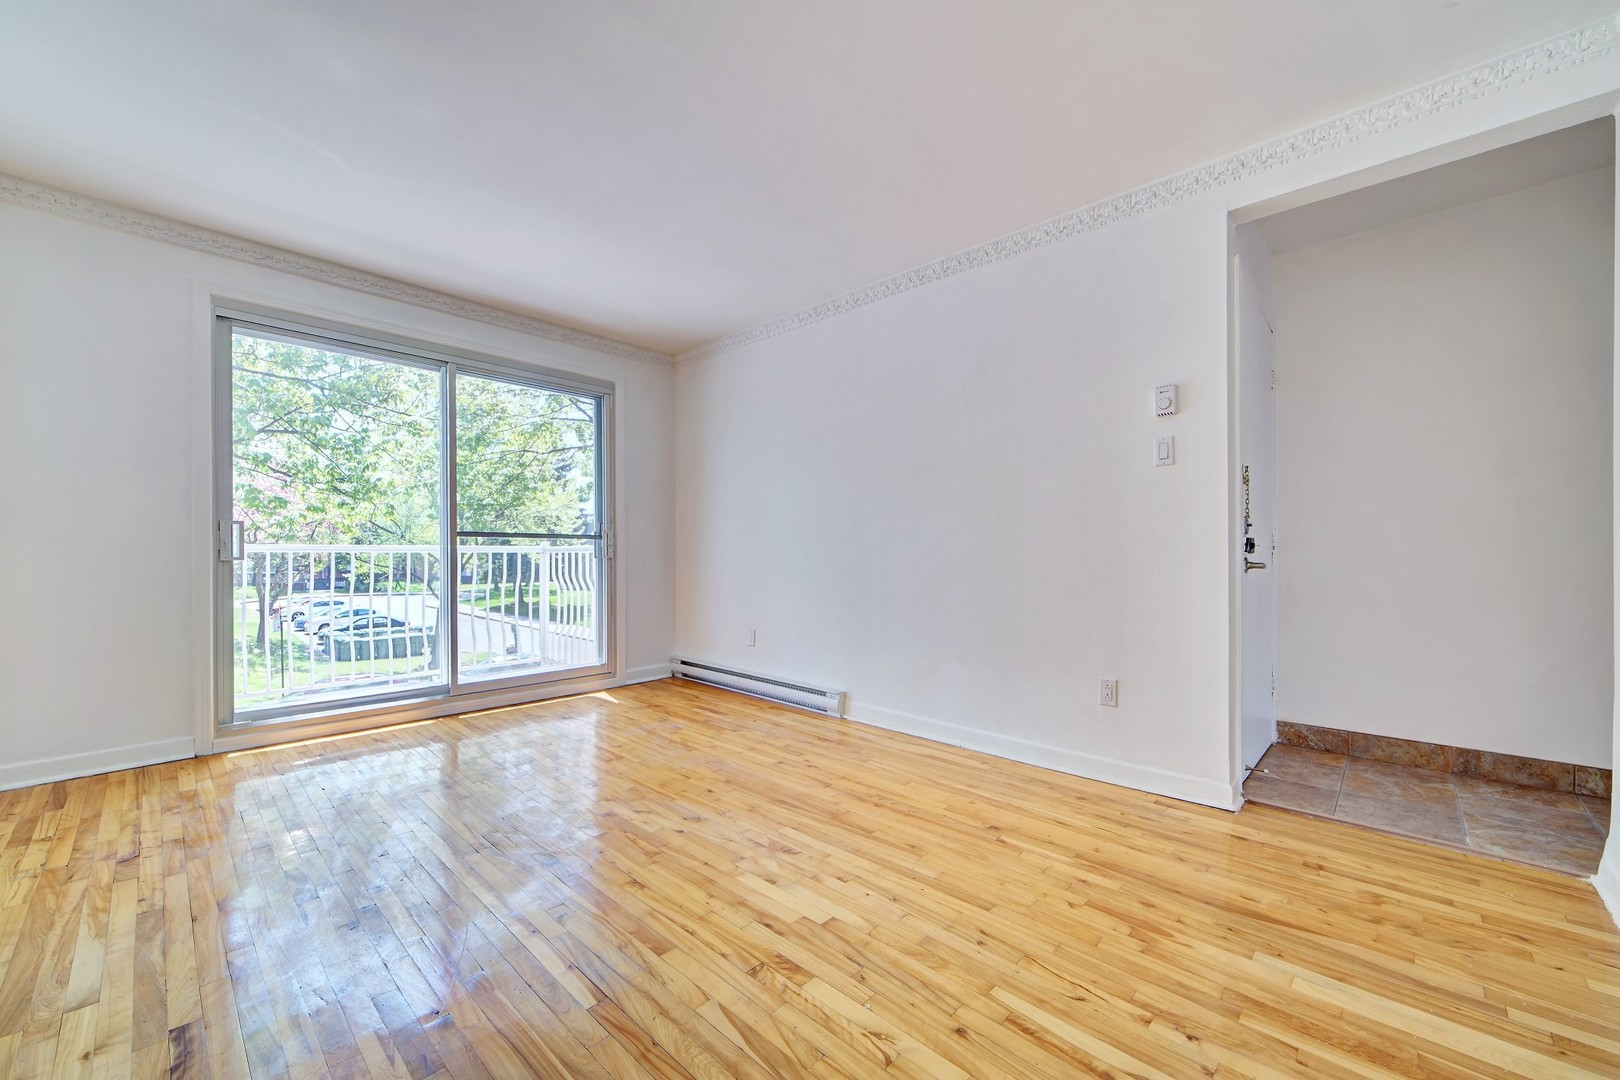 image 8 - Apartment - For rent - Montréal  (Mercier) - 4 rooms